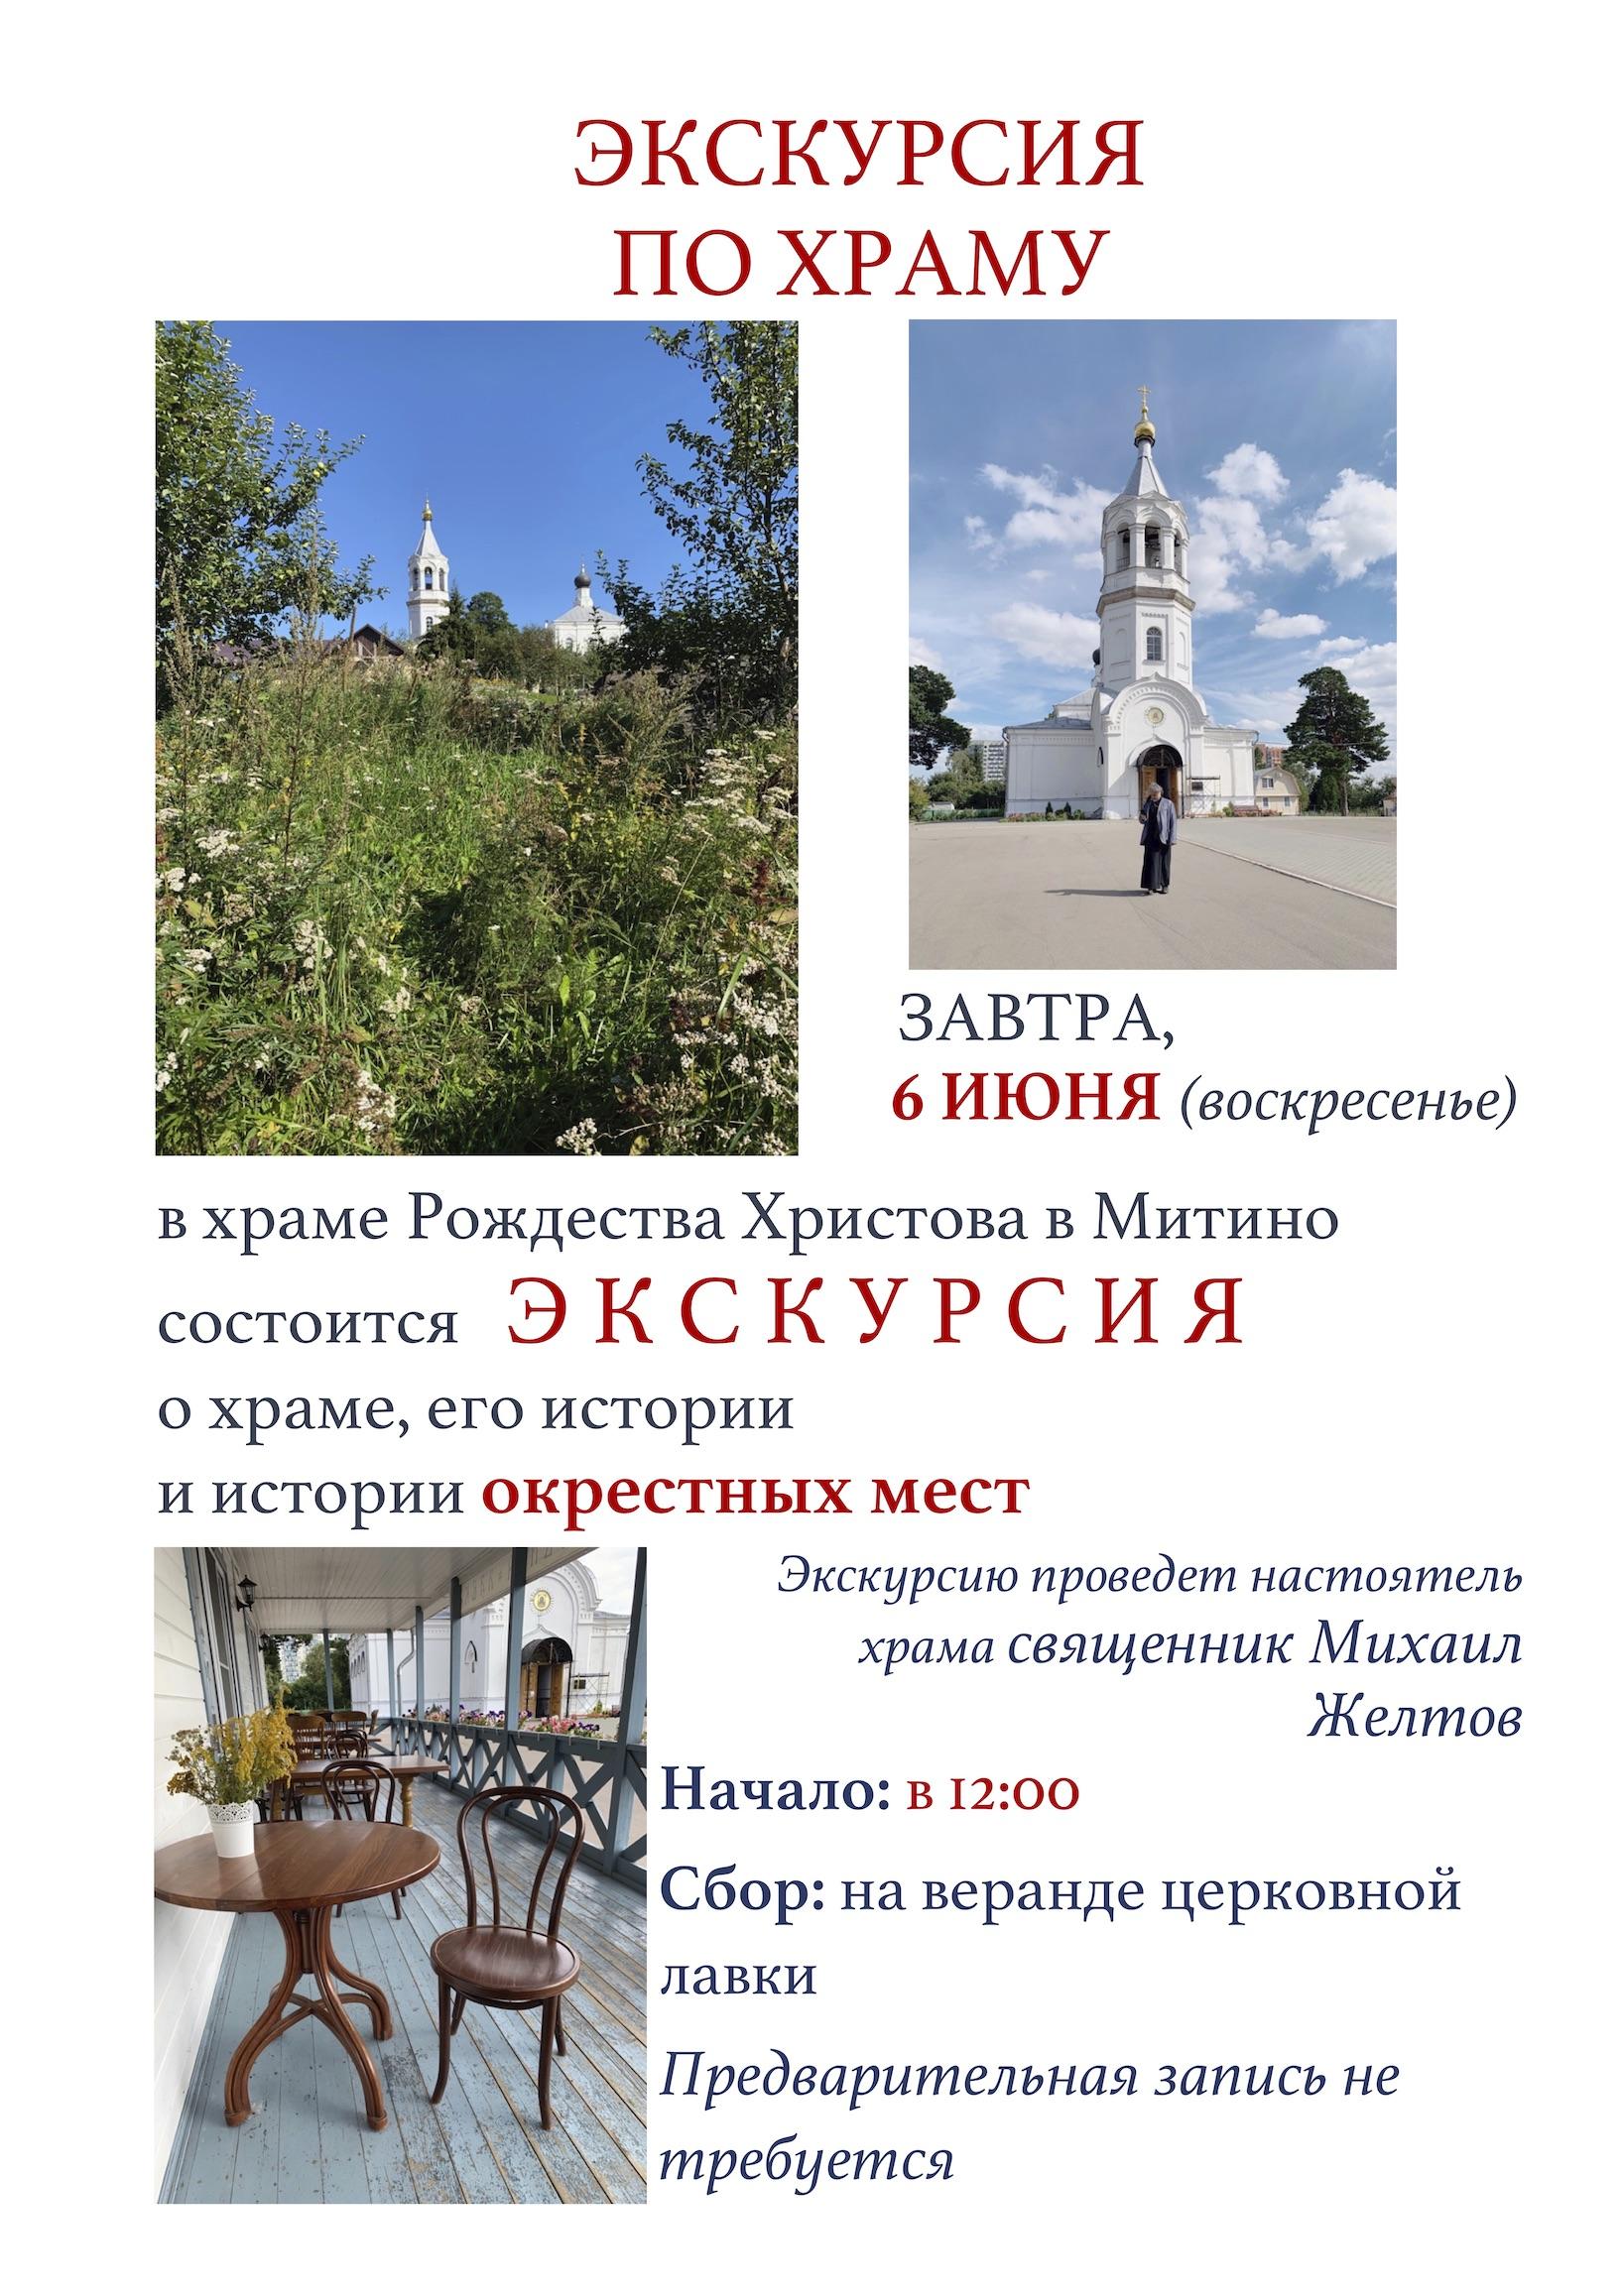 Экскурсия по храму и рассказ об истории Митино